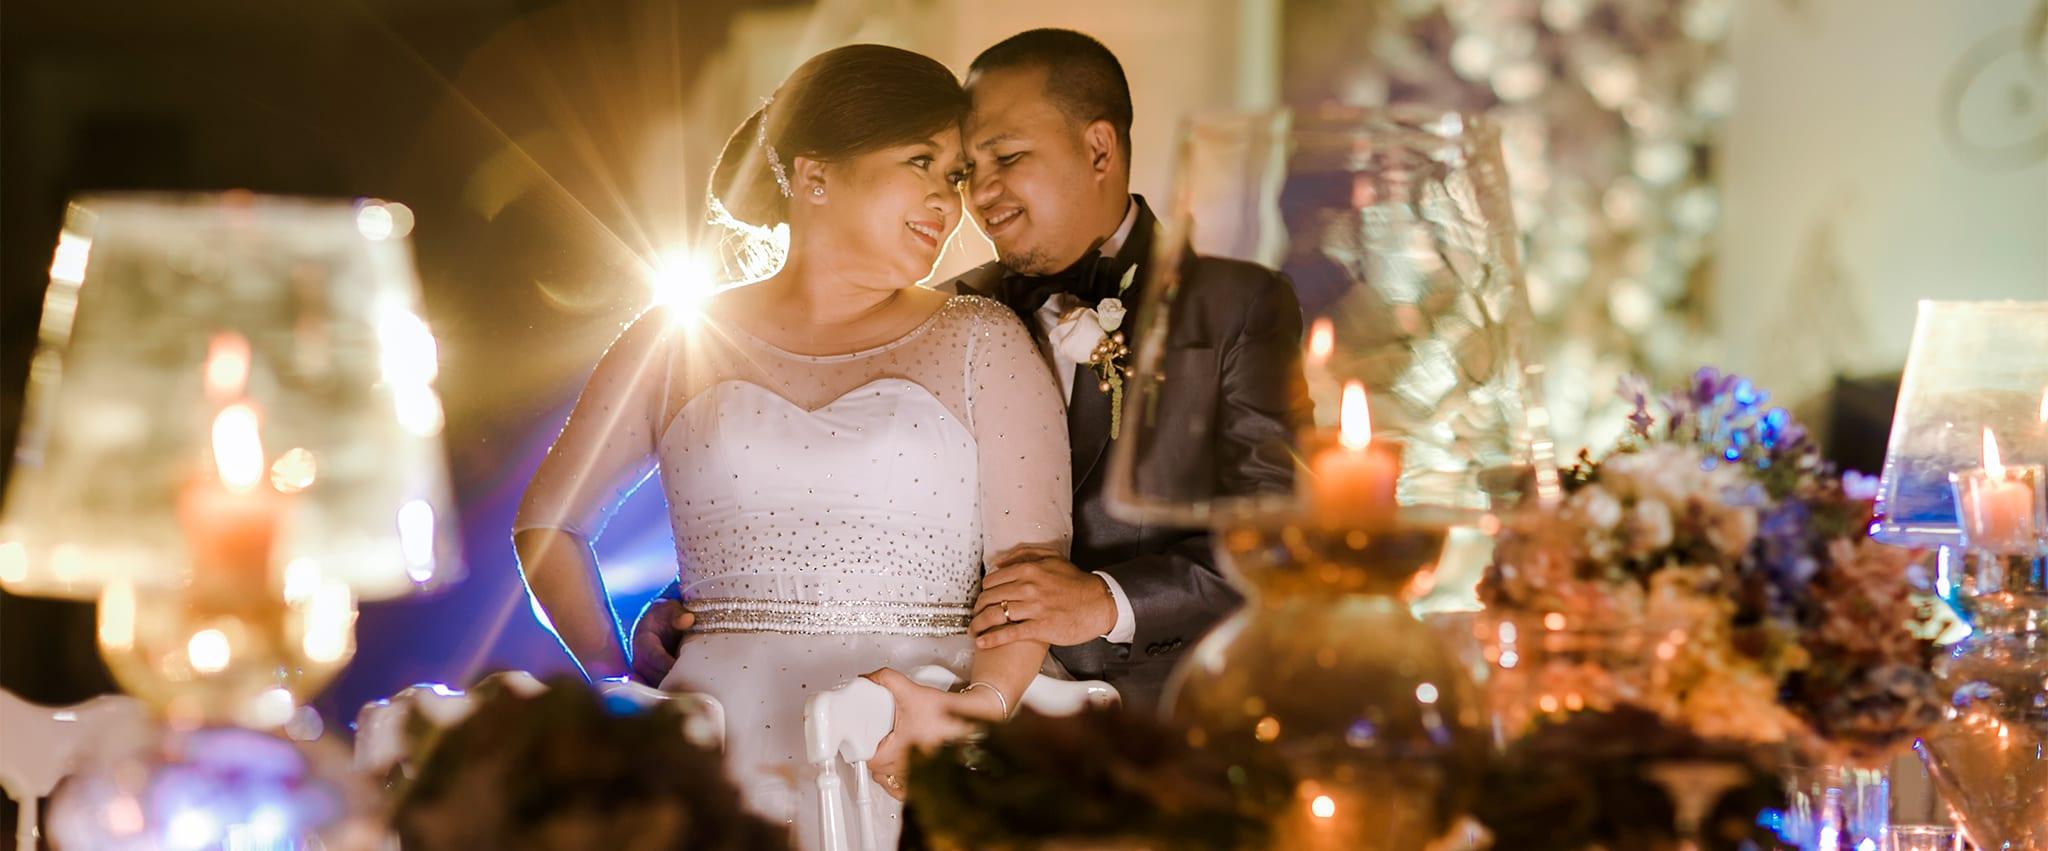 Bohol Based Wedding Photographer